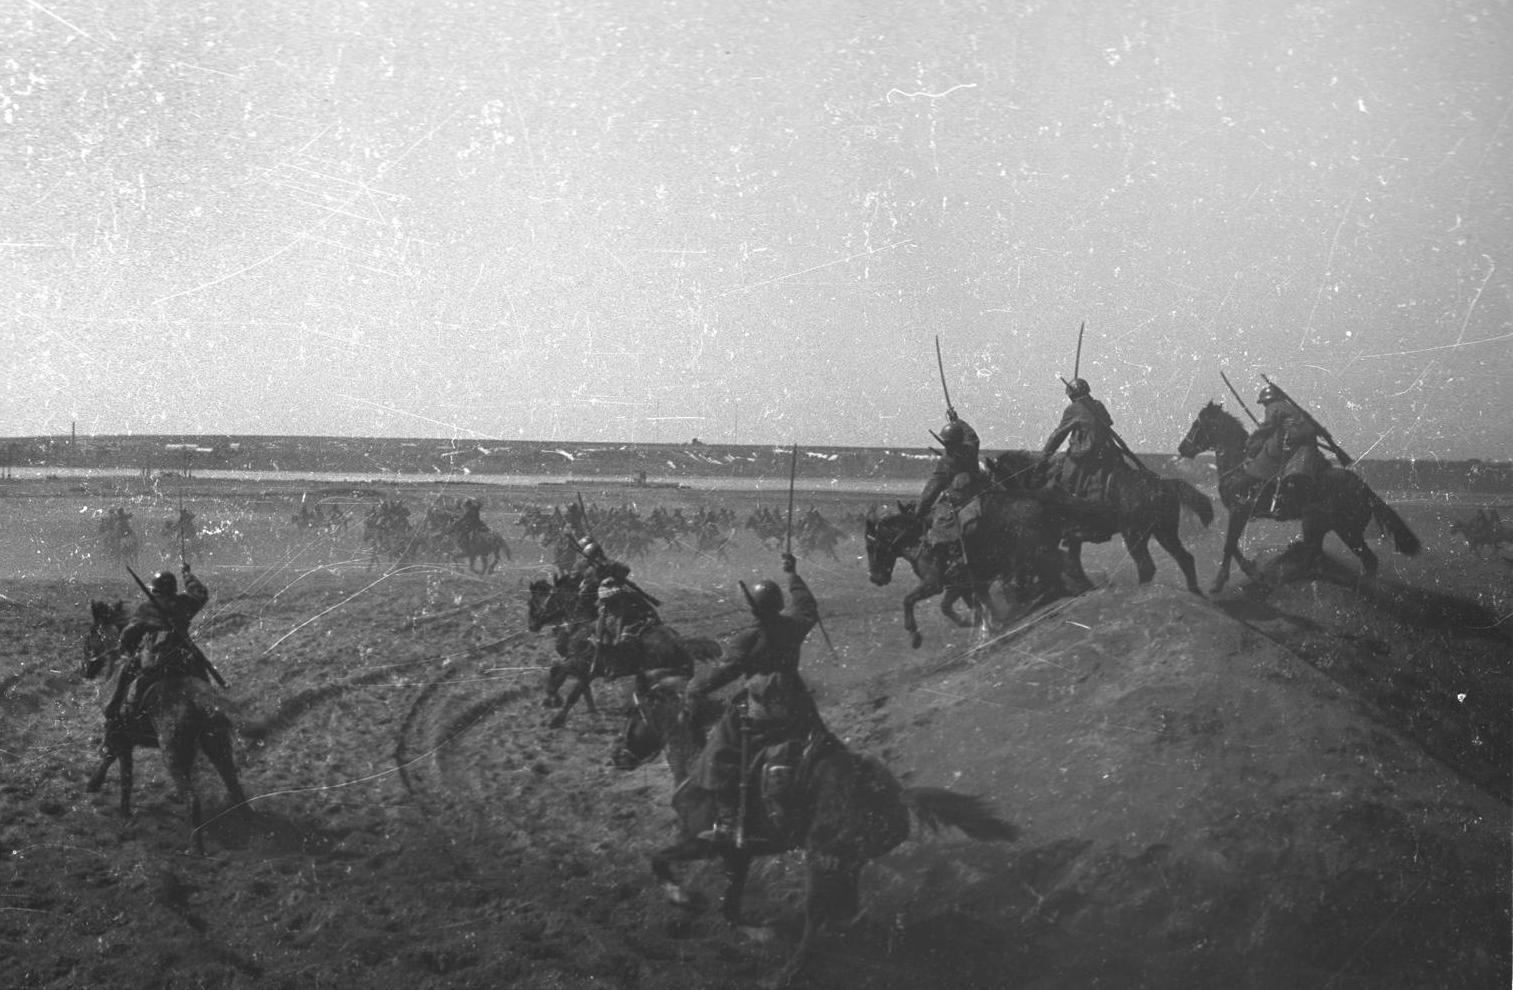 Атака советской конницы. Юго-Западный фронт, 1942 год